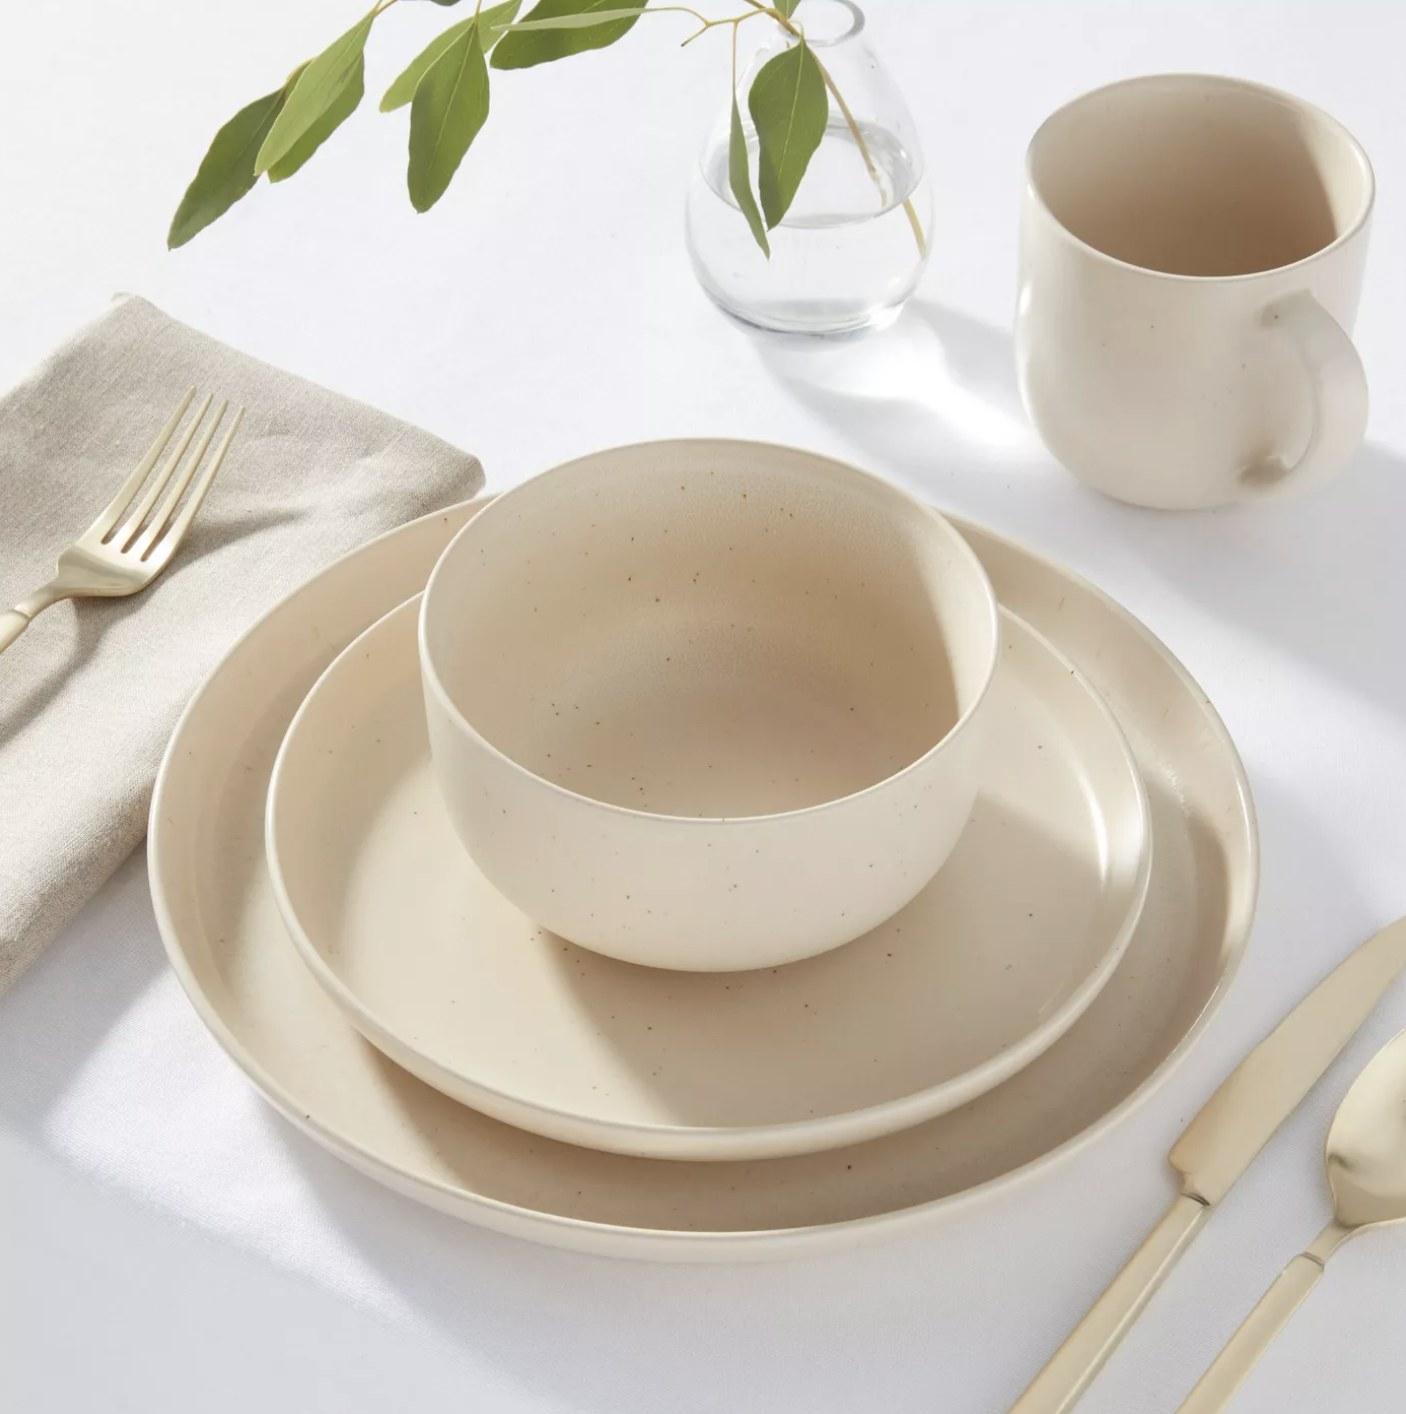 The dinnerware set in a cream white